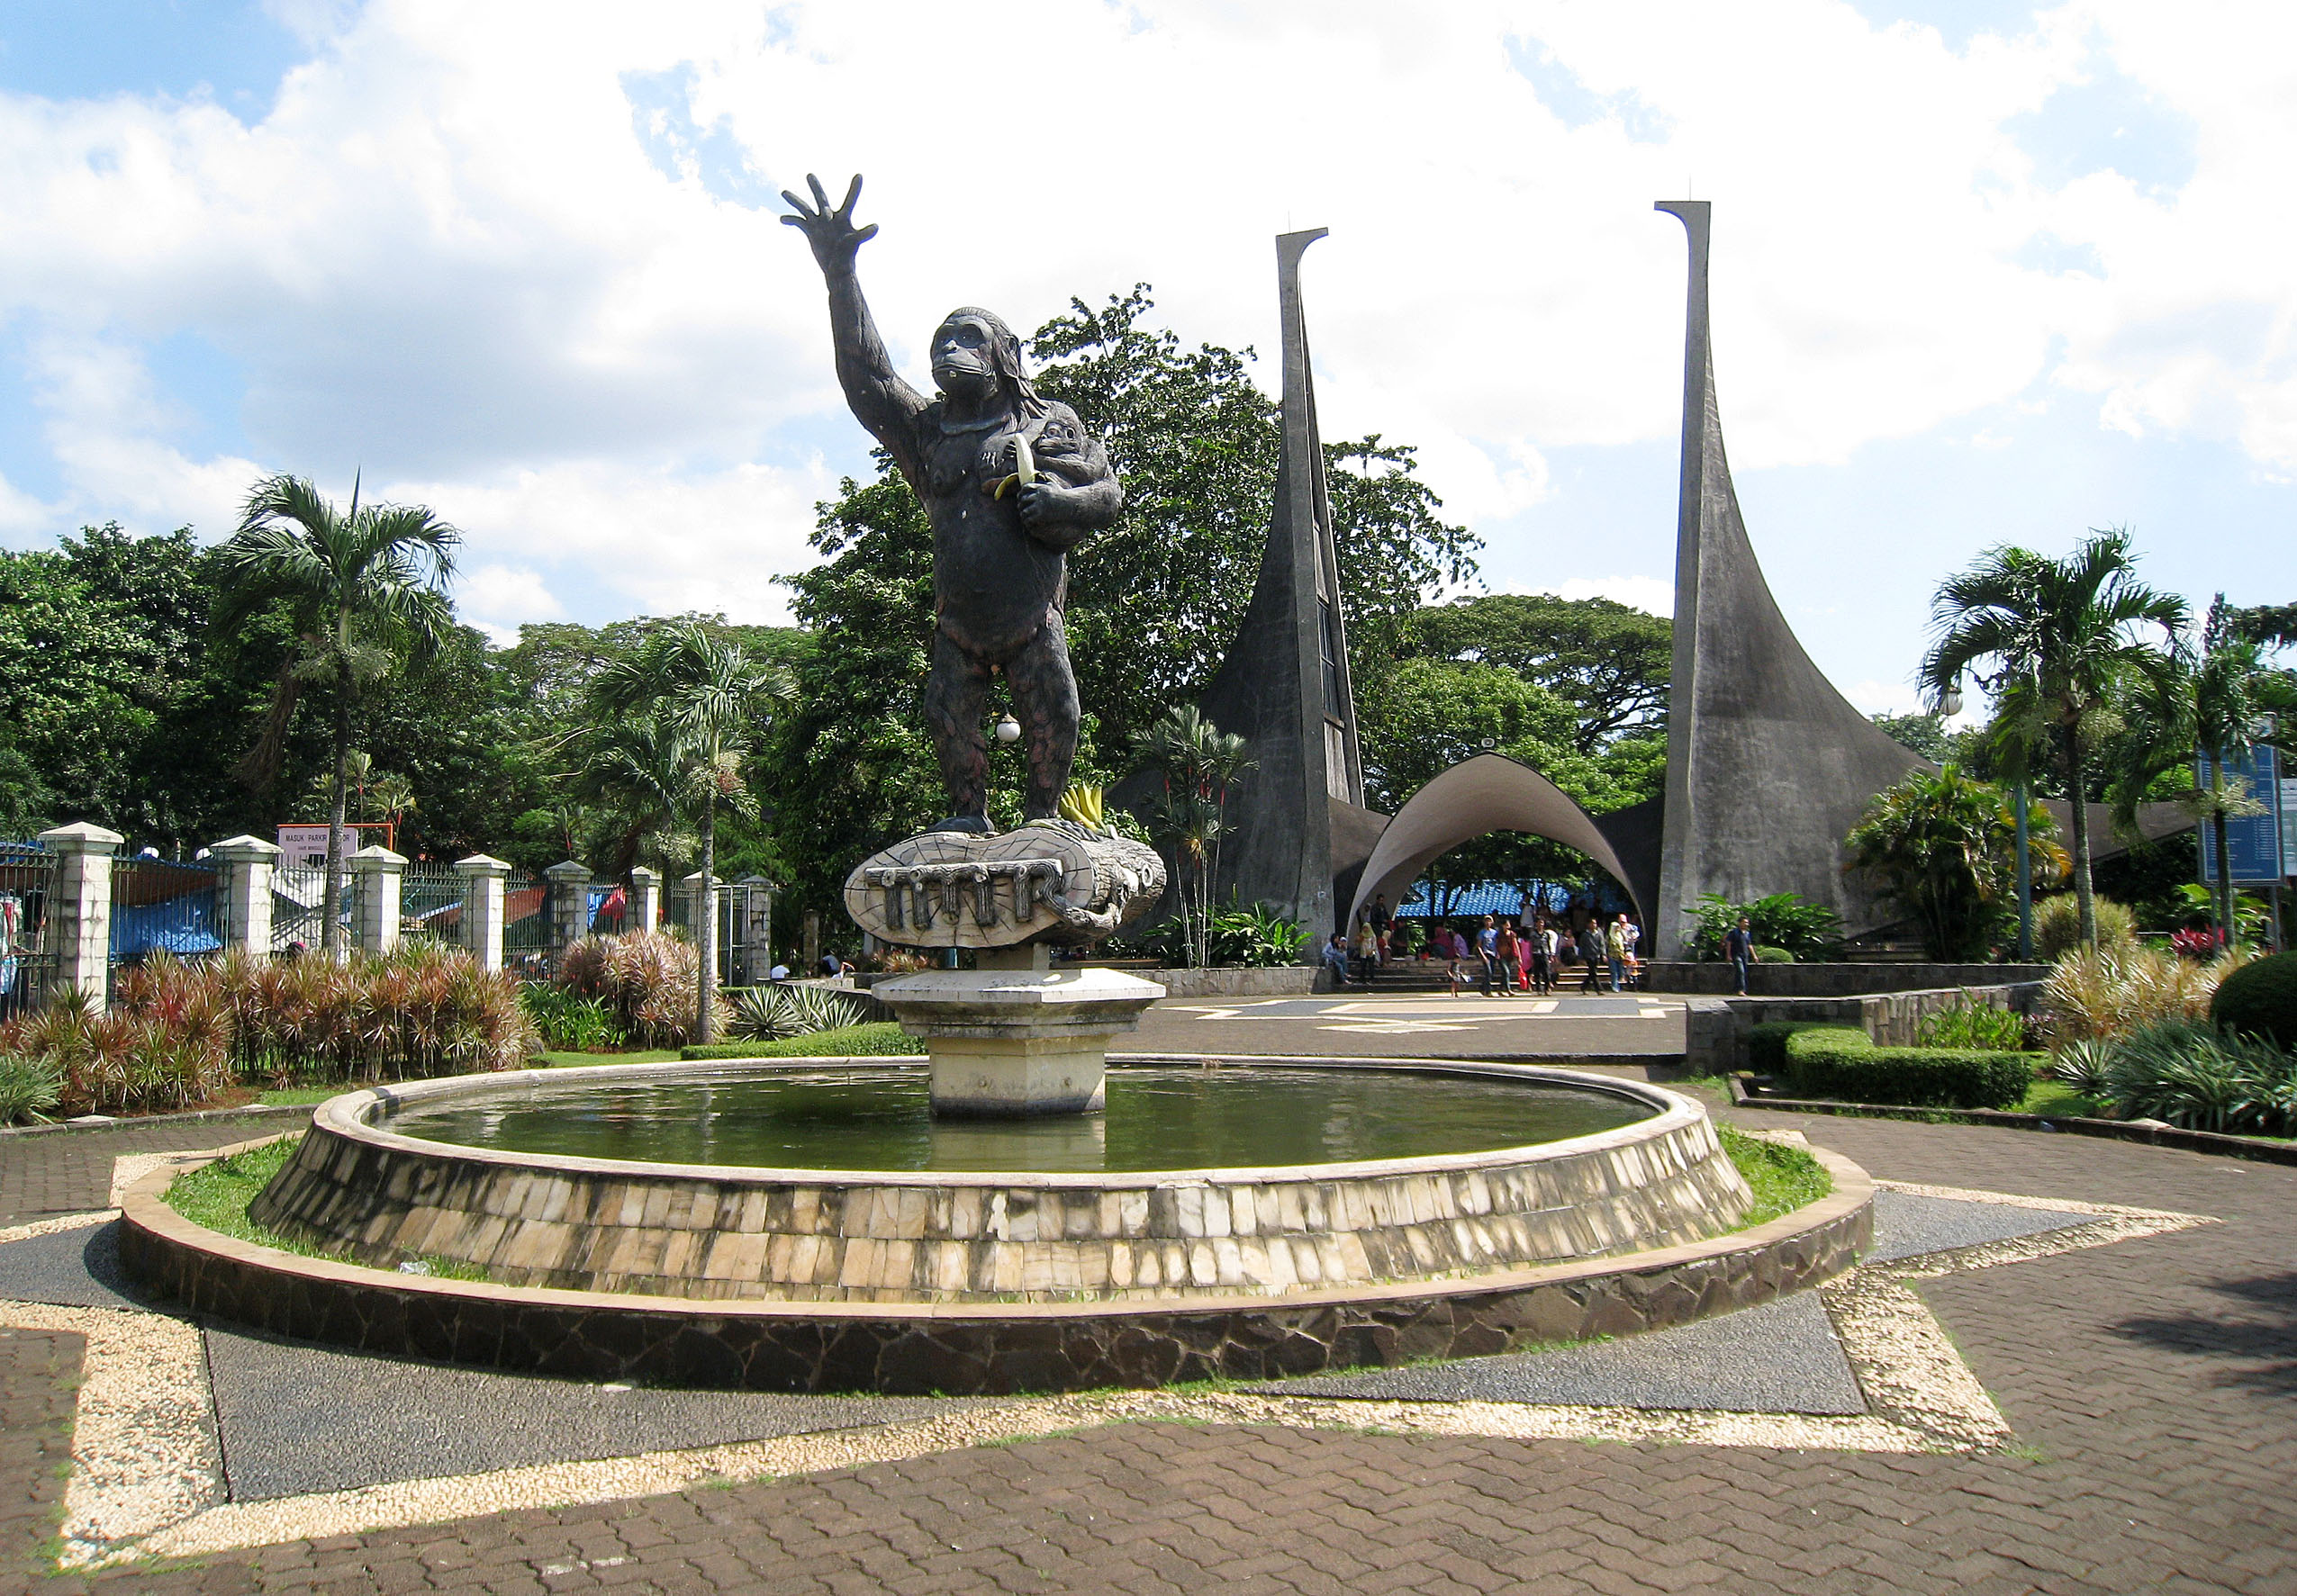 Kebun Binatang Ragunan Wikipedia Bahasa Indonesia Ensiklopedia Bebas Kota Administrasi